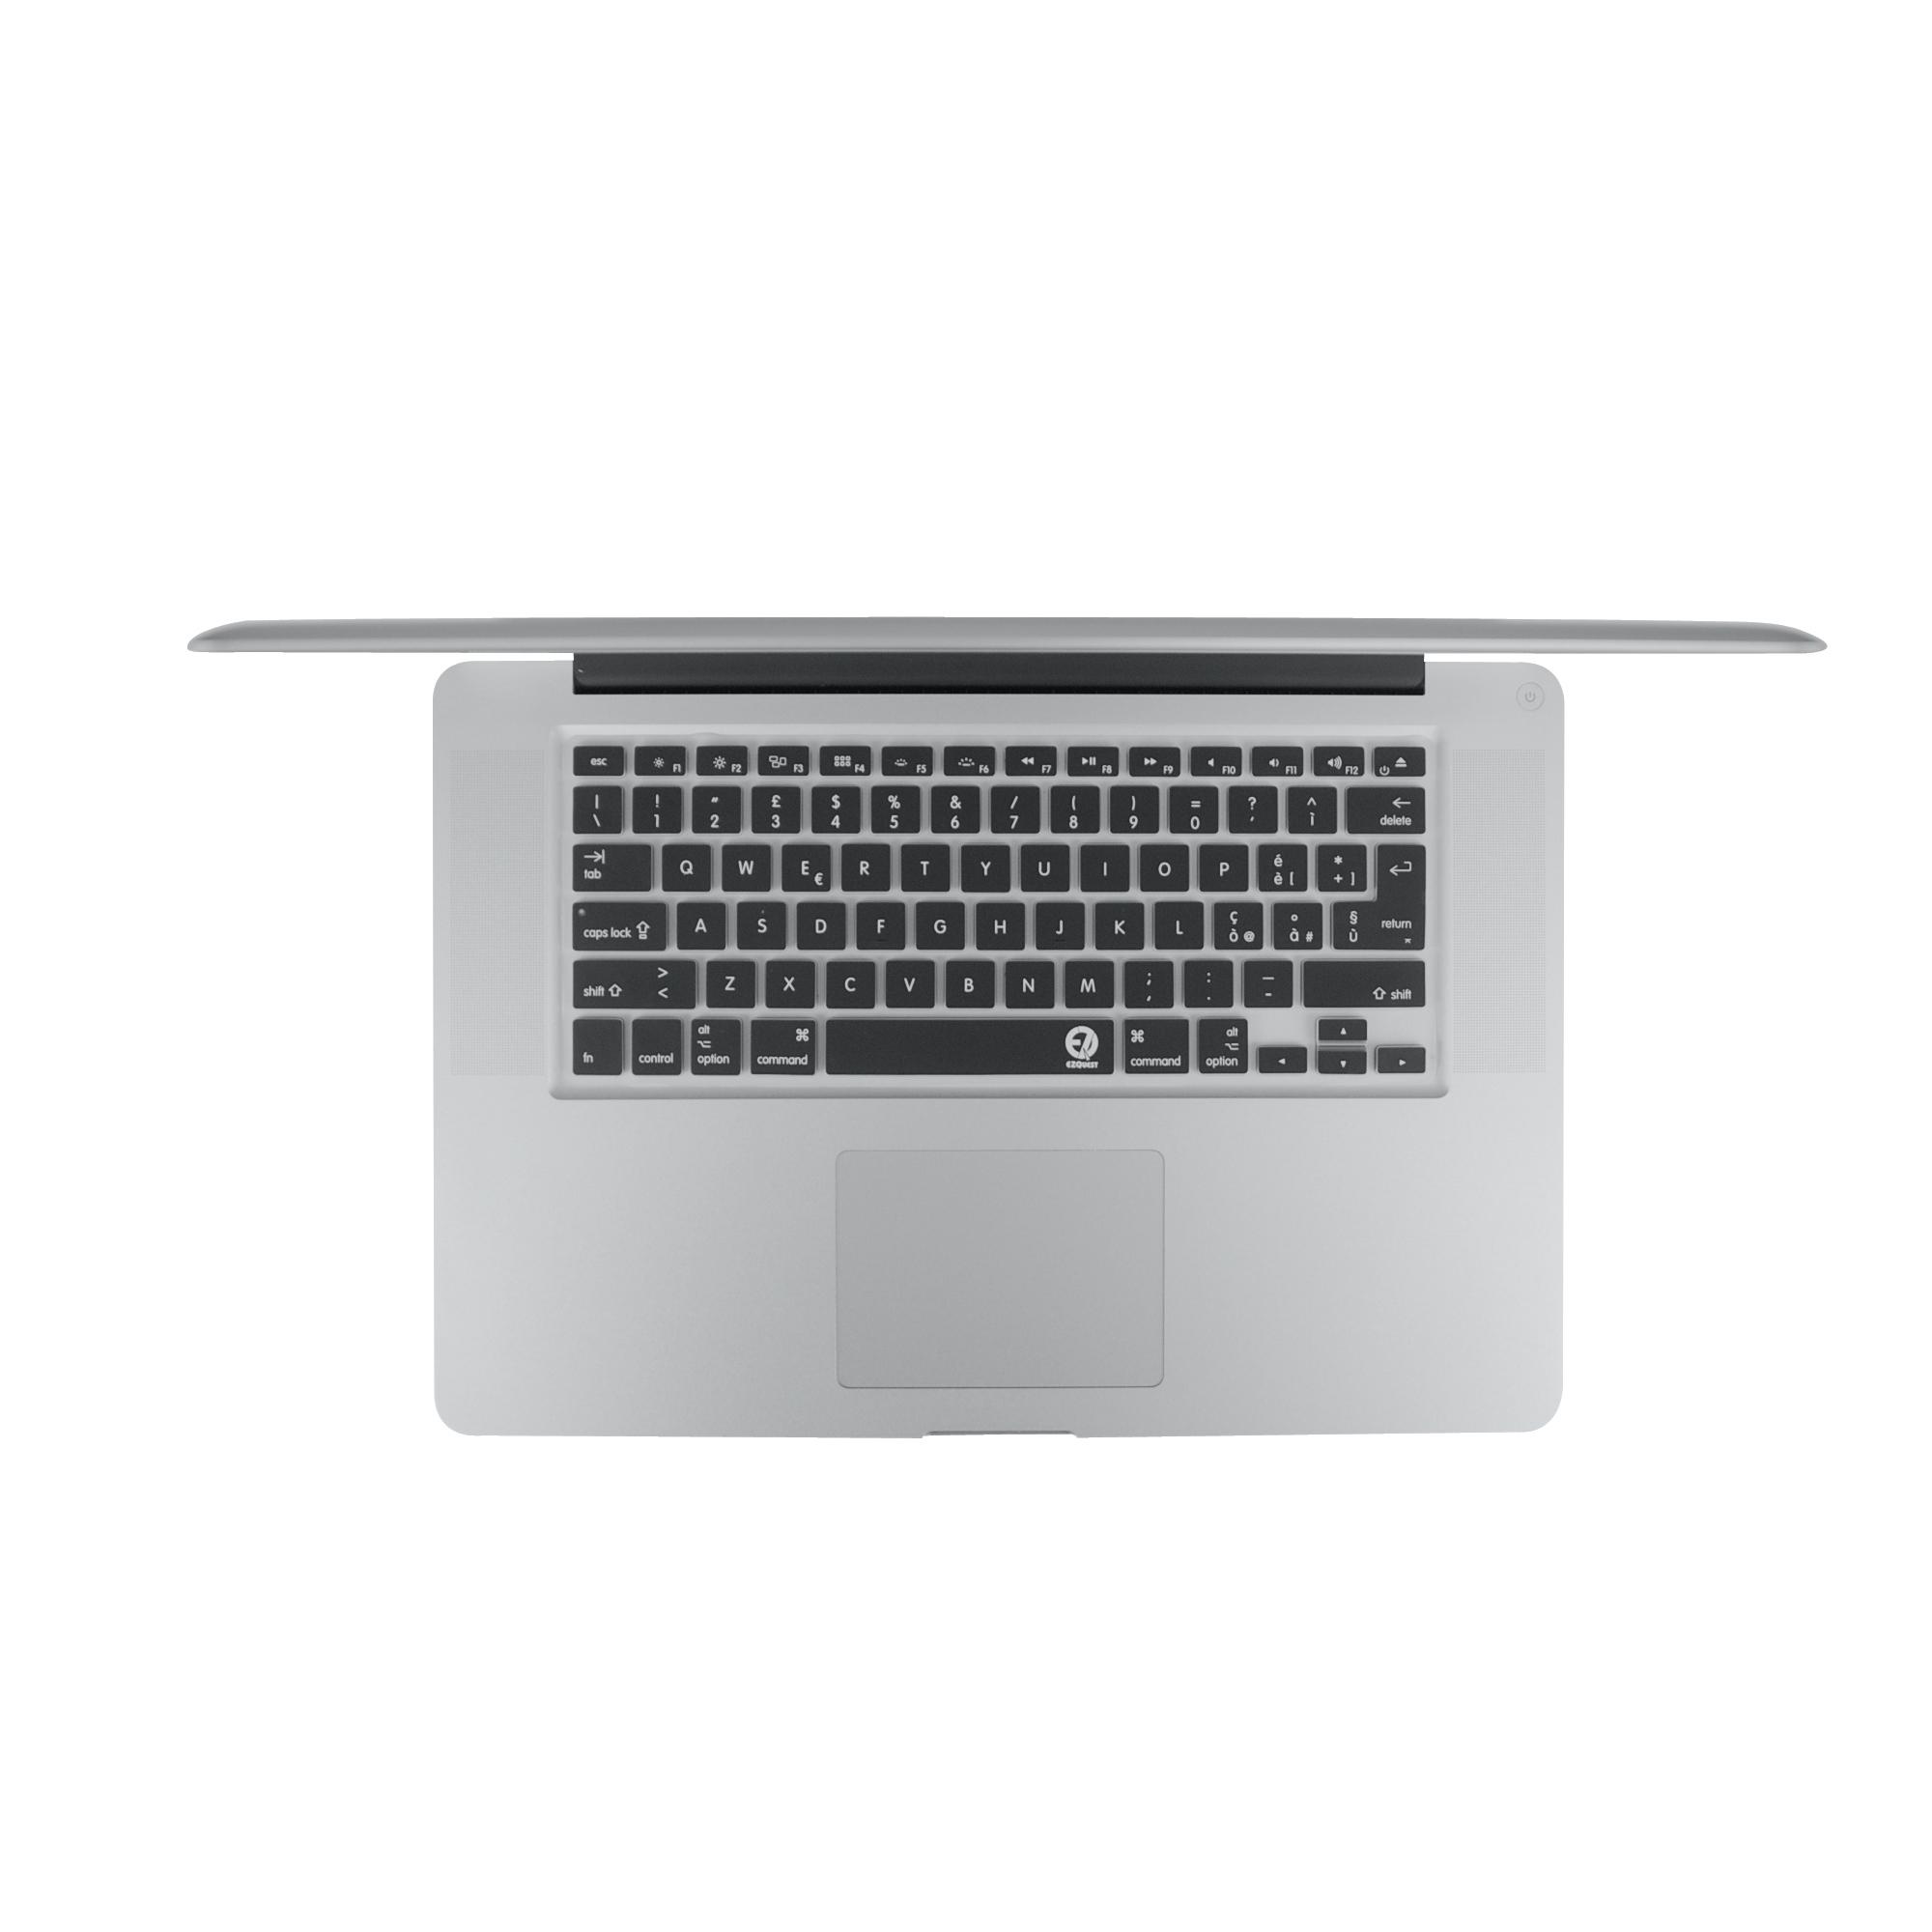 Ezquest Italian Keyboard Cover For Mac